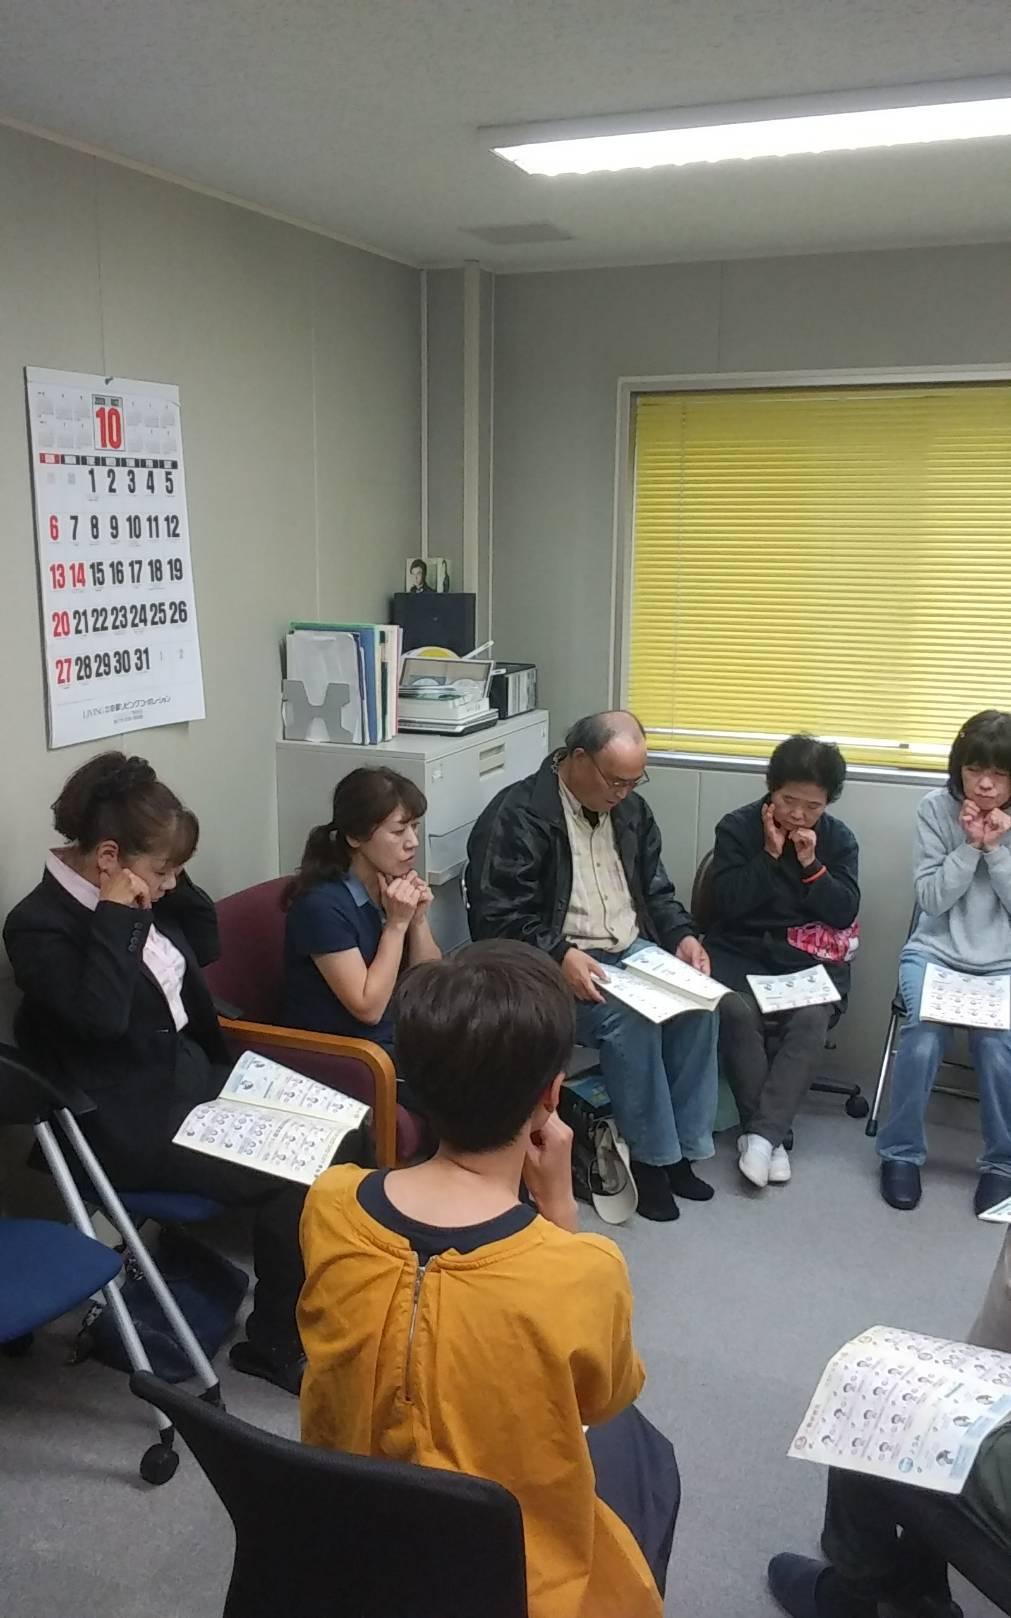 第2回公開健口(けんこう)教室を開催しました_e0415908_13310289.jpg